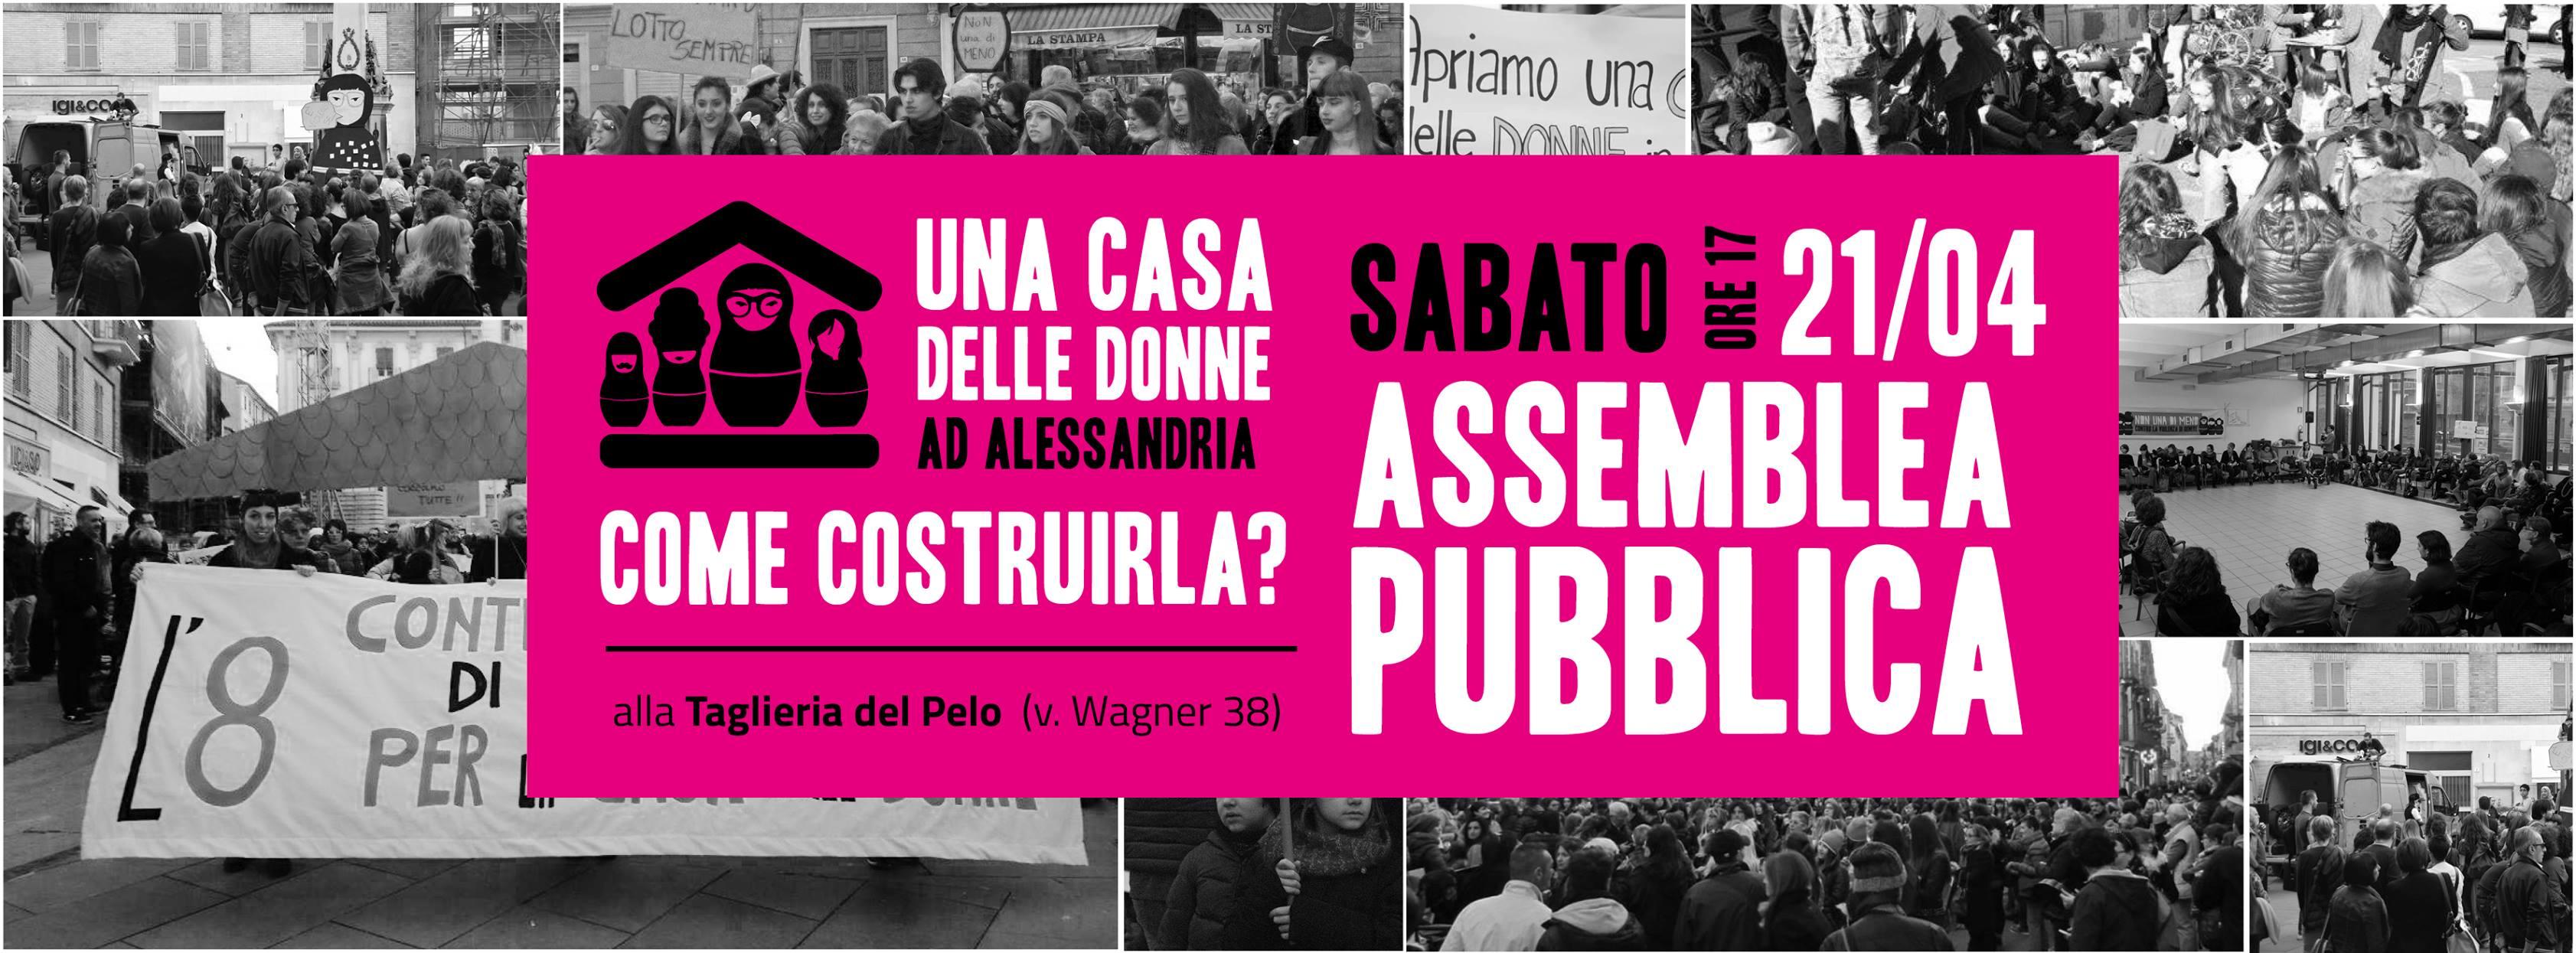 Sabato 21 aprile assemblea pubblica verso la Casa delle Donne di Alessandria